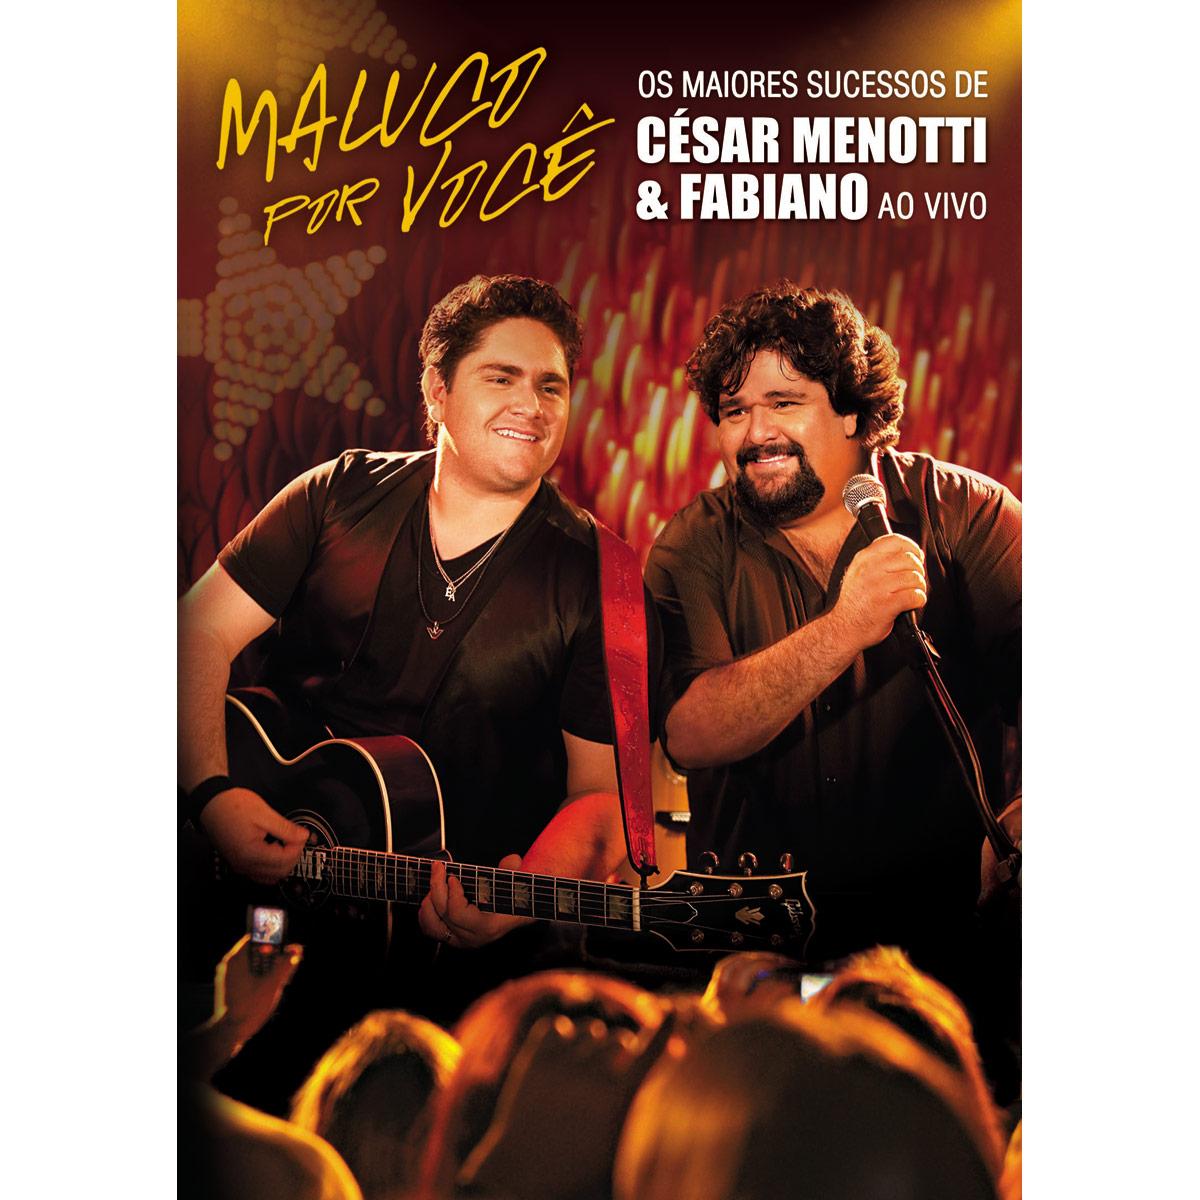 Maluco Por Você Os Maiores Sucessos de César Menotti e Fabiano Ao Vivo DVDRip 2011 140609 Ampliada